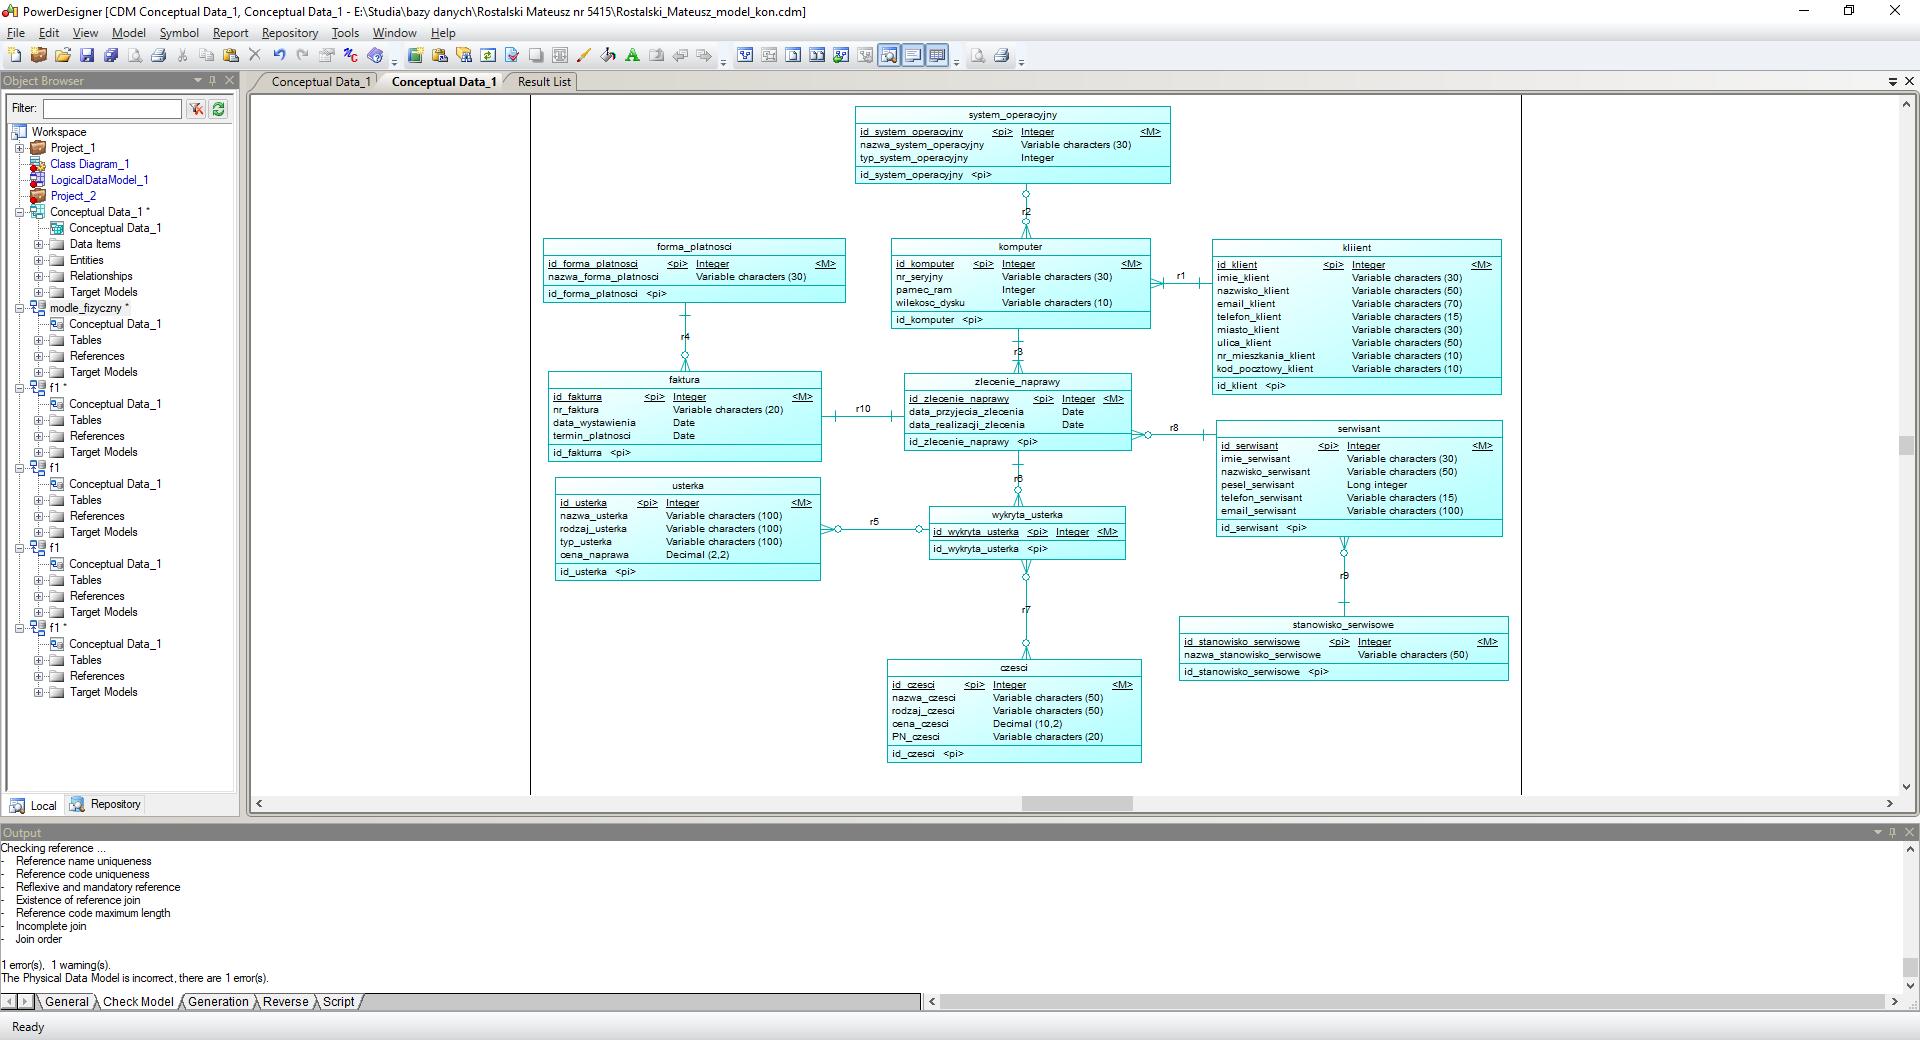 W Ultra PowerDesigner-Tworzenie bazy danych- błąd przy generowaniu DB FB22